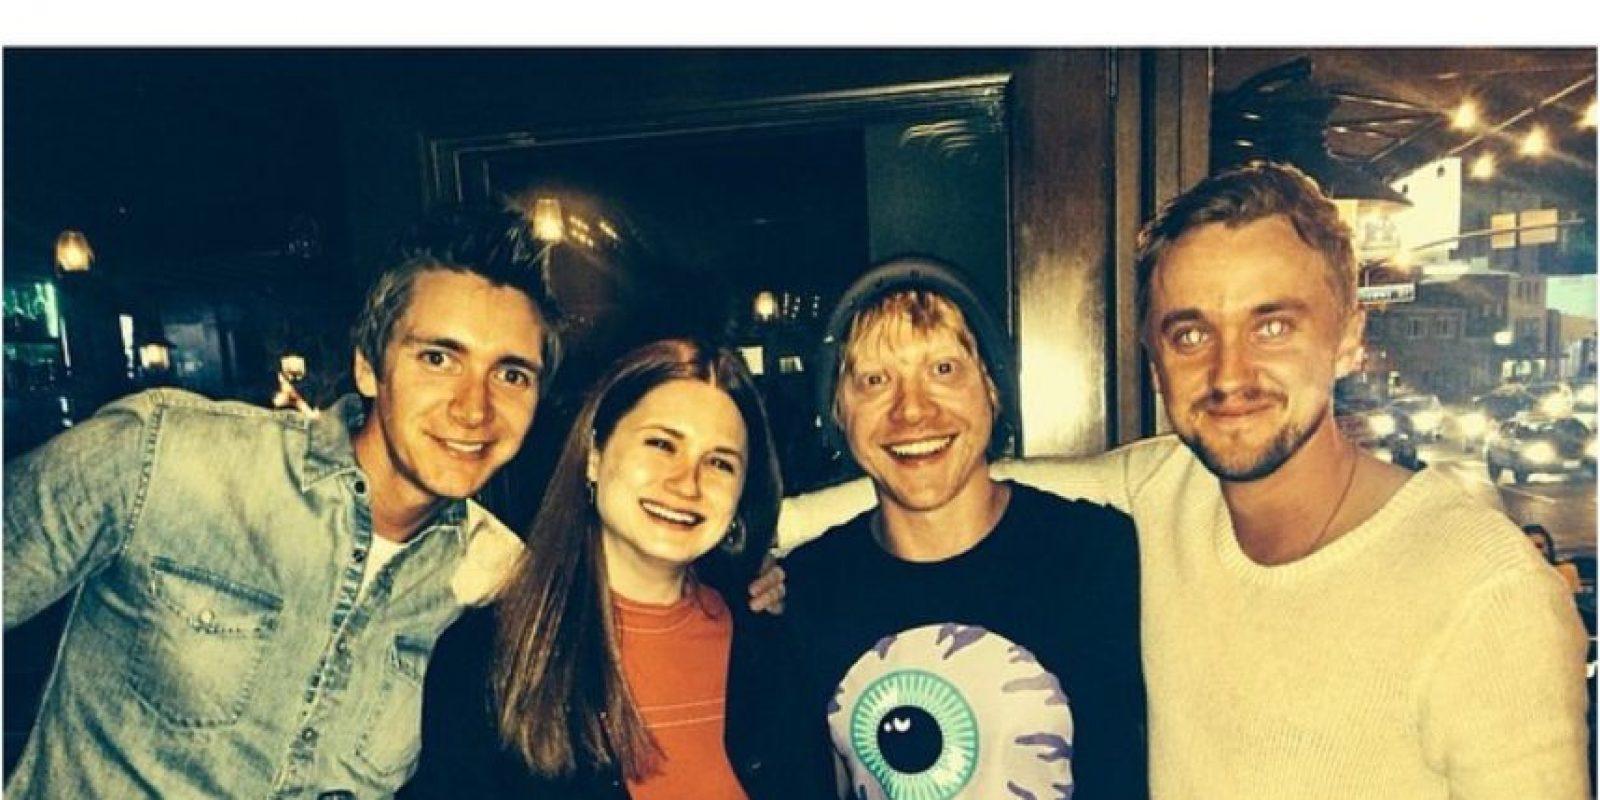 Con Ginny Weasley (Bonnie Wright) y Fred Weasley (James Phelps) Foto:Instagram